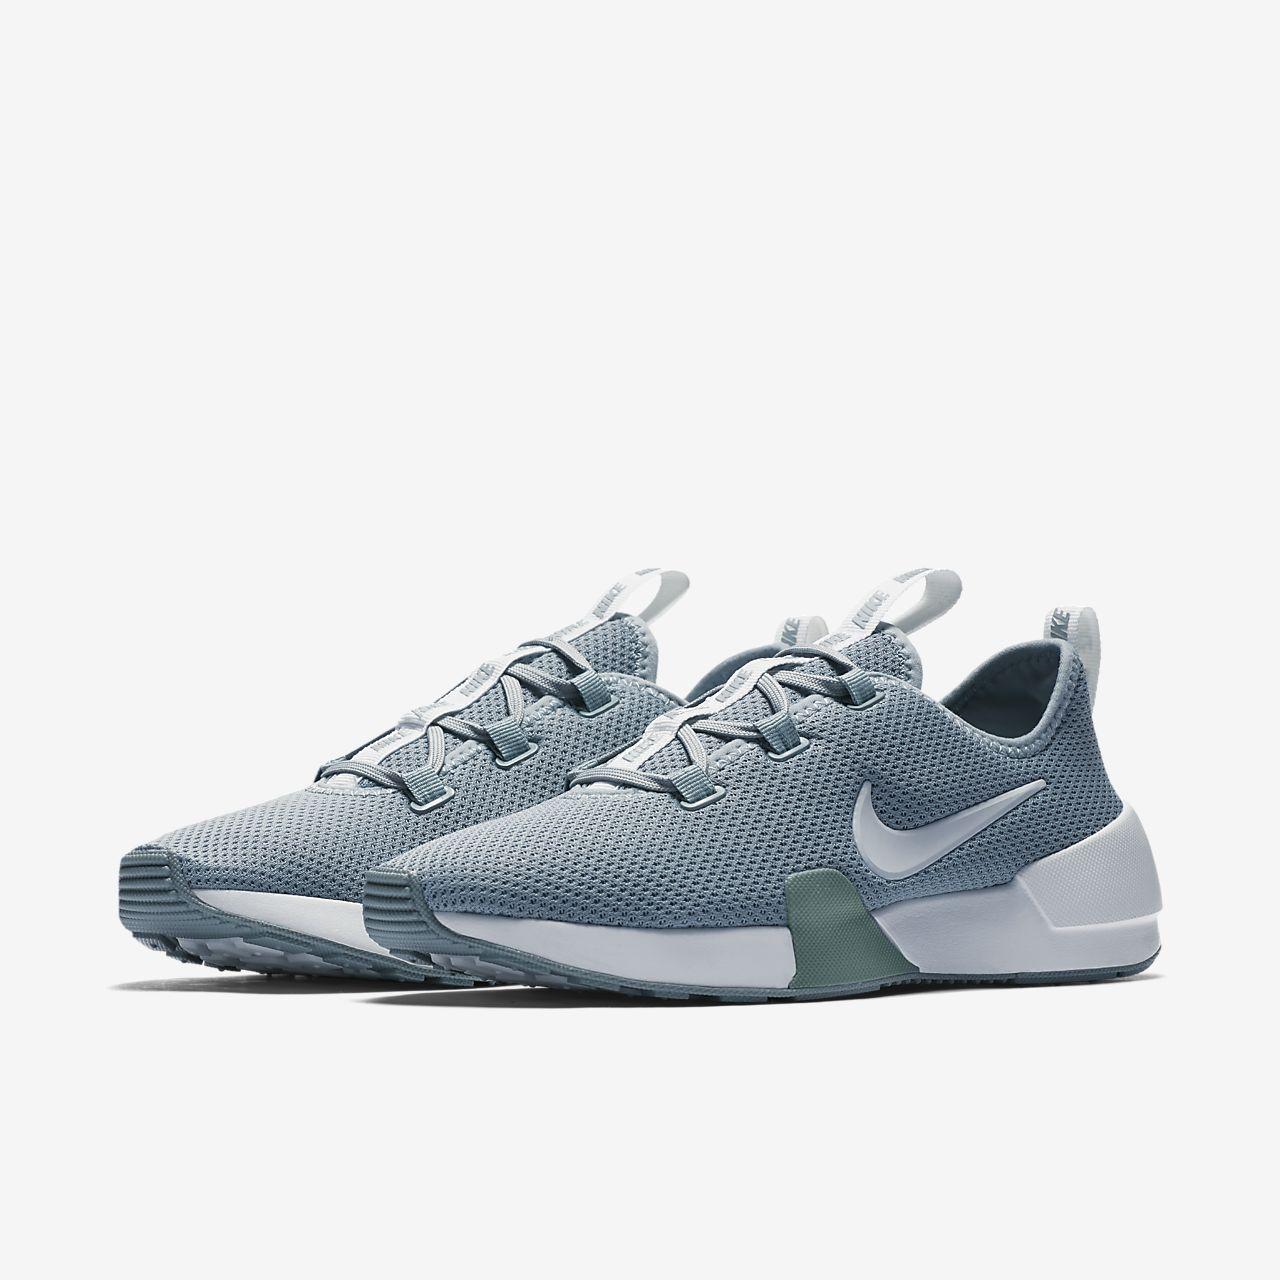 b35fd8cb3871 Nike Ashin Modern Run Women s Shoe. Nike.com CA